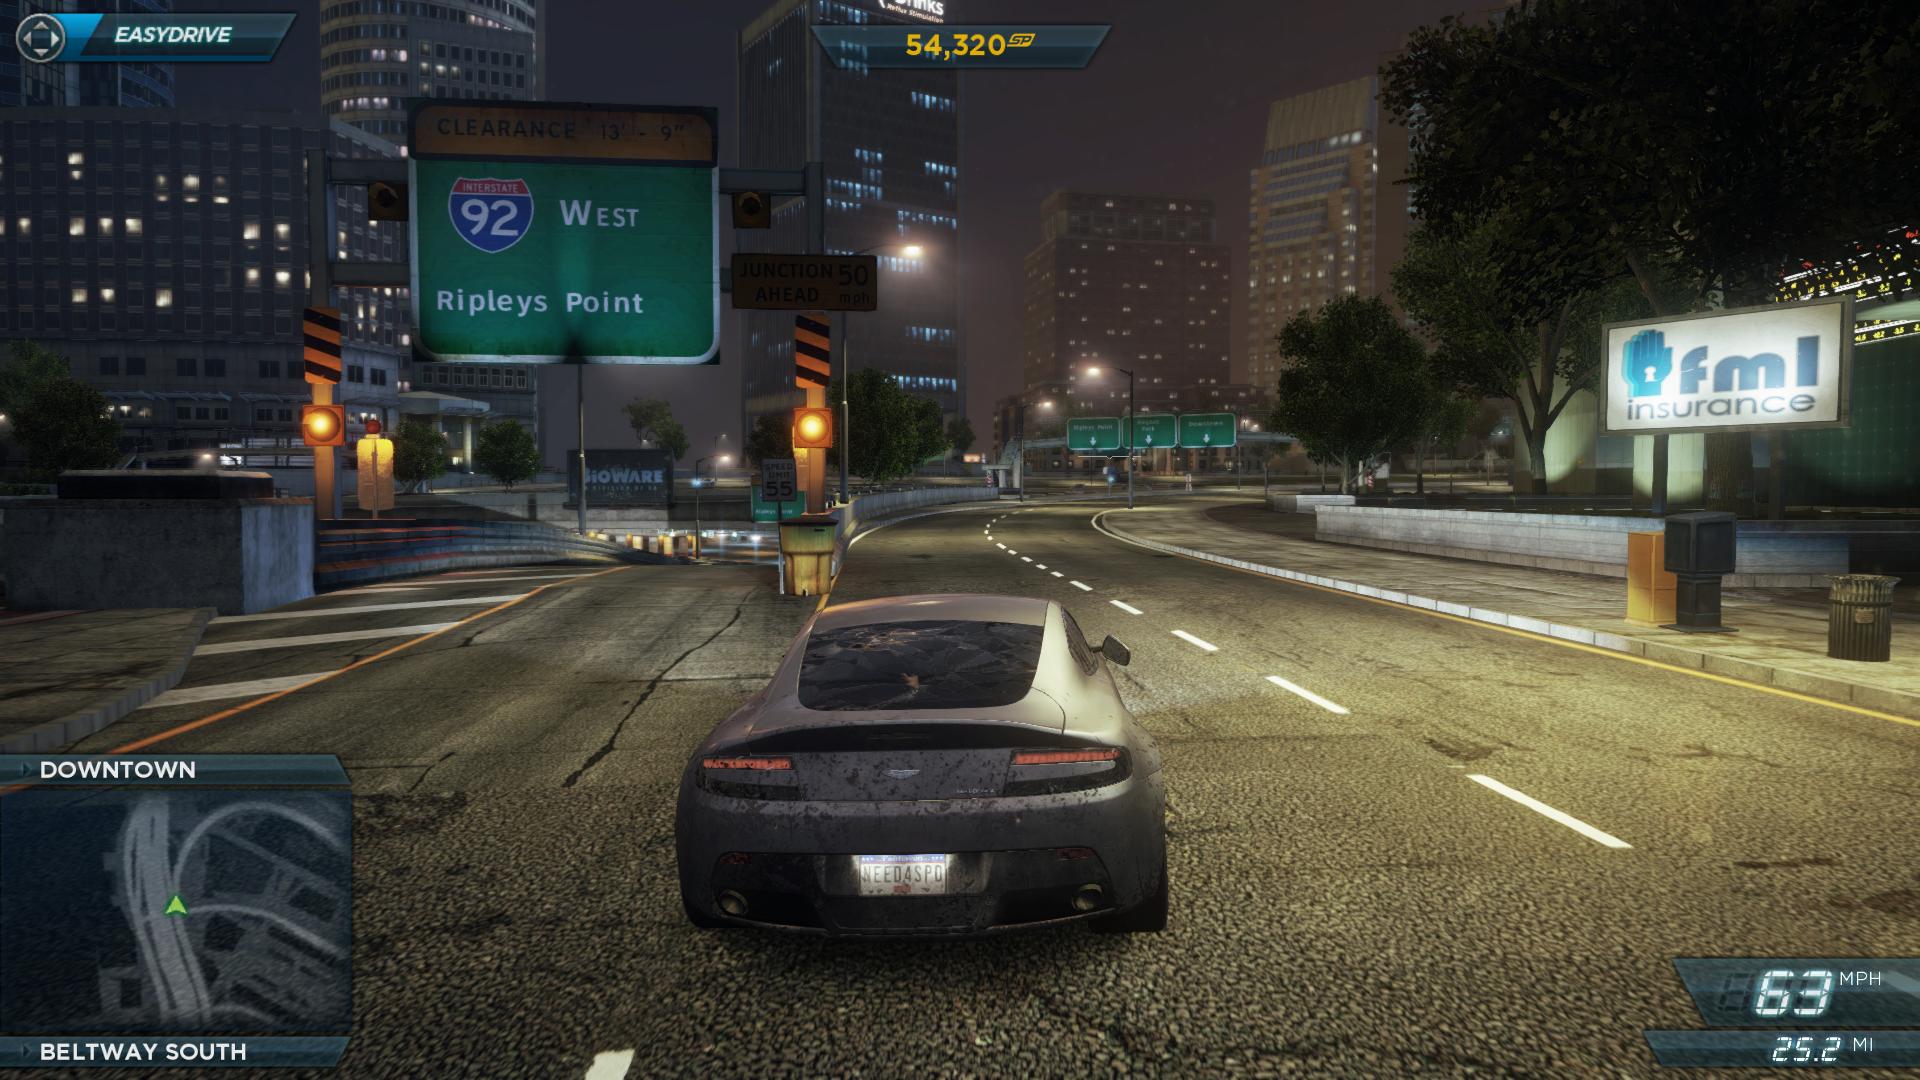 تحميل لعبة Need For Speed Most Wanted 2012 مجانا